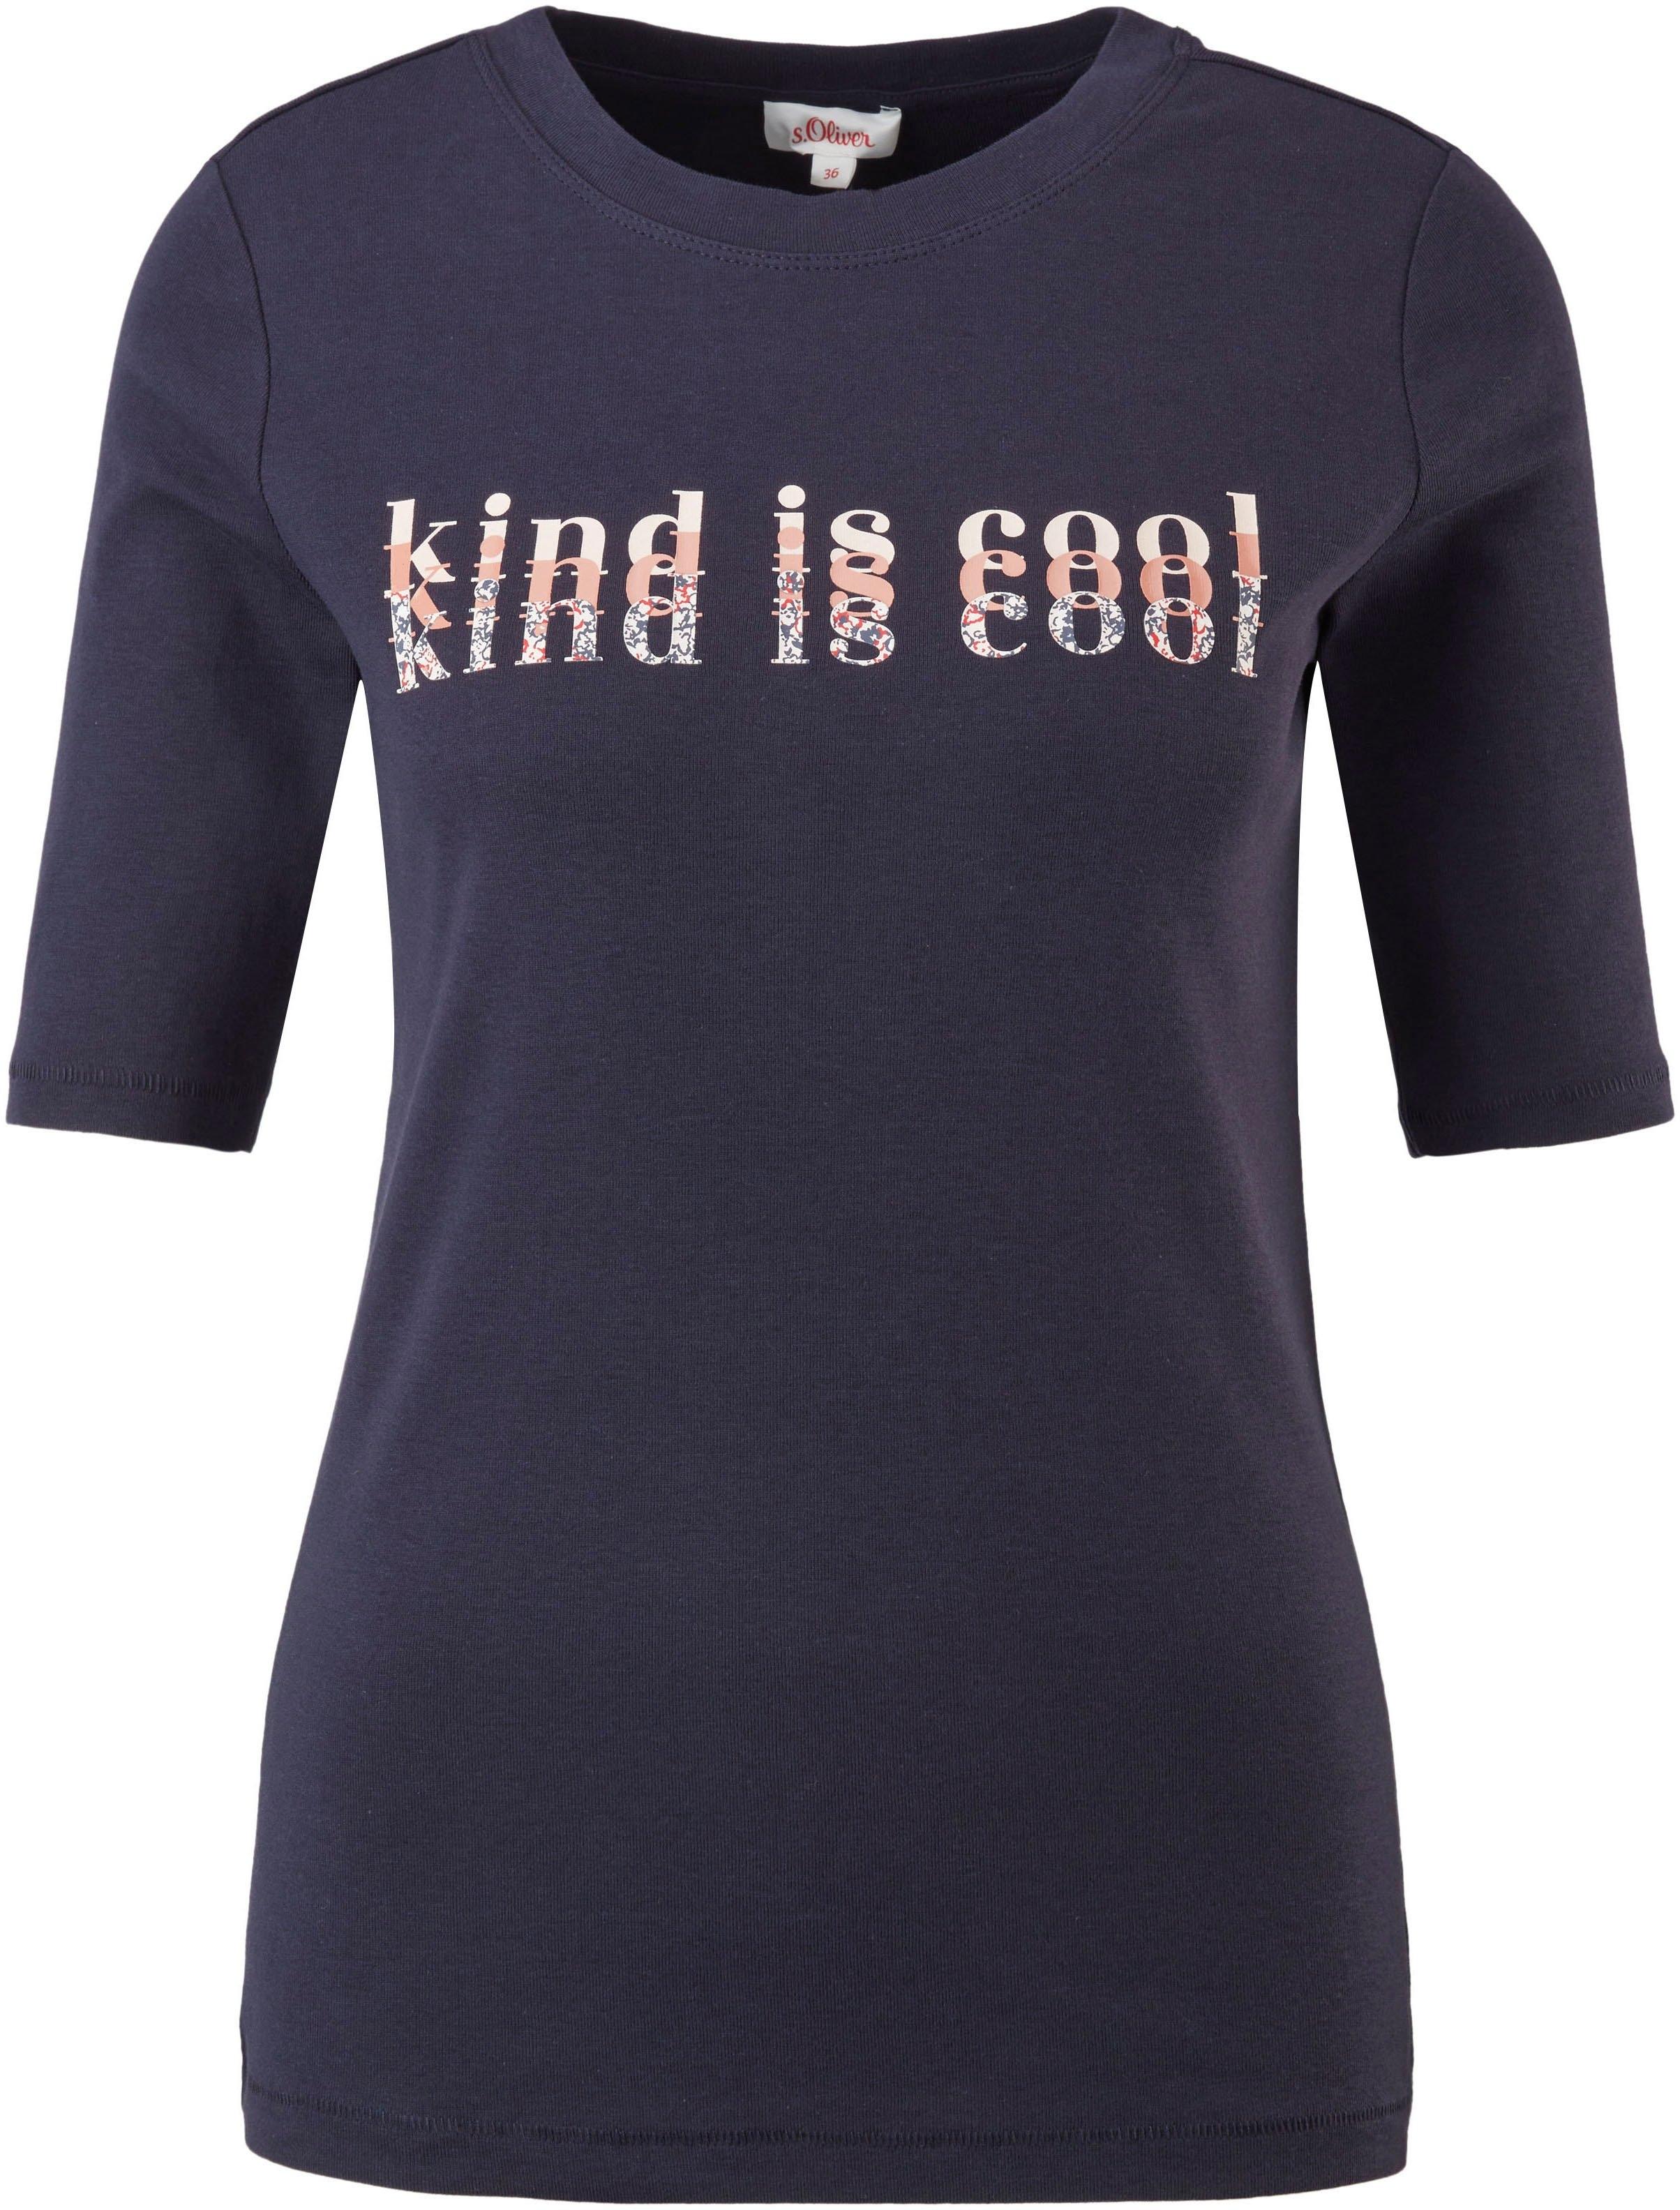 s.Oliver T-shirt met modieuze frontprint in verschillende designs - gratis ruilen op otto.nl